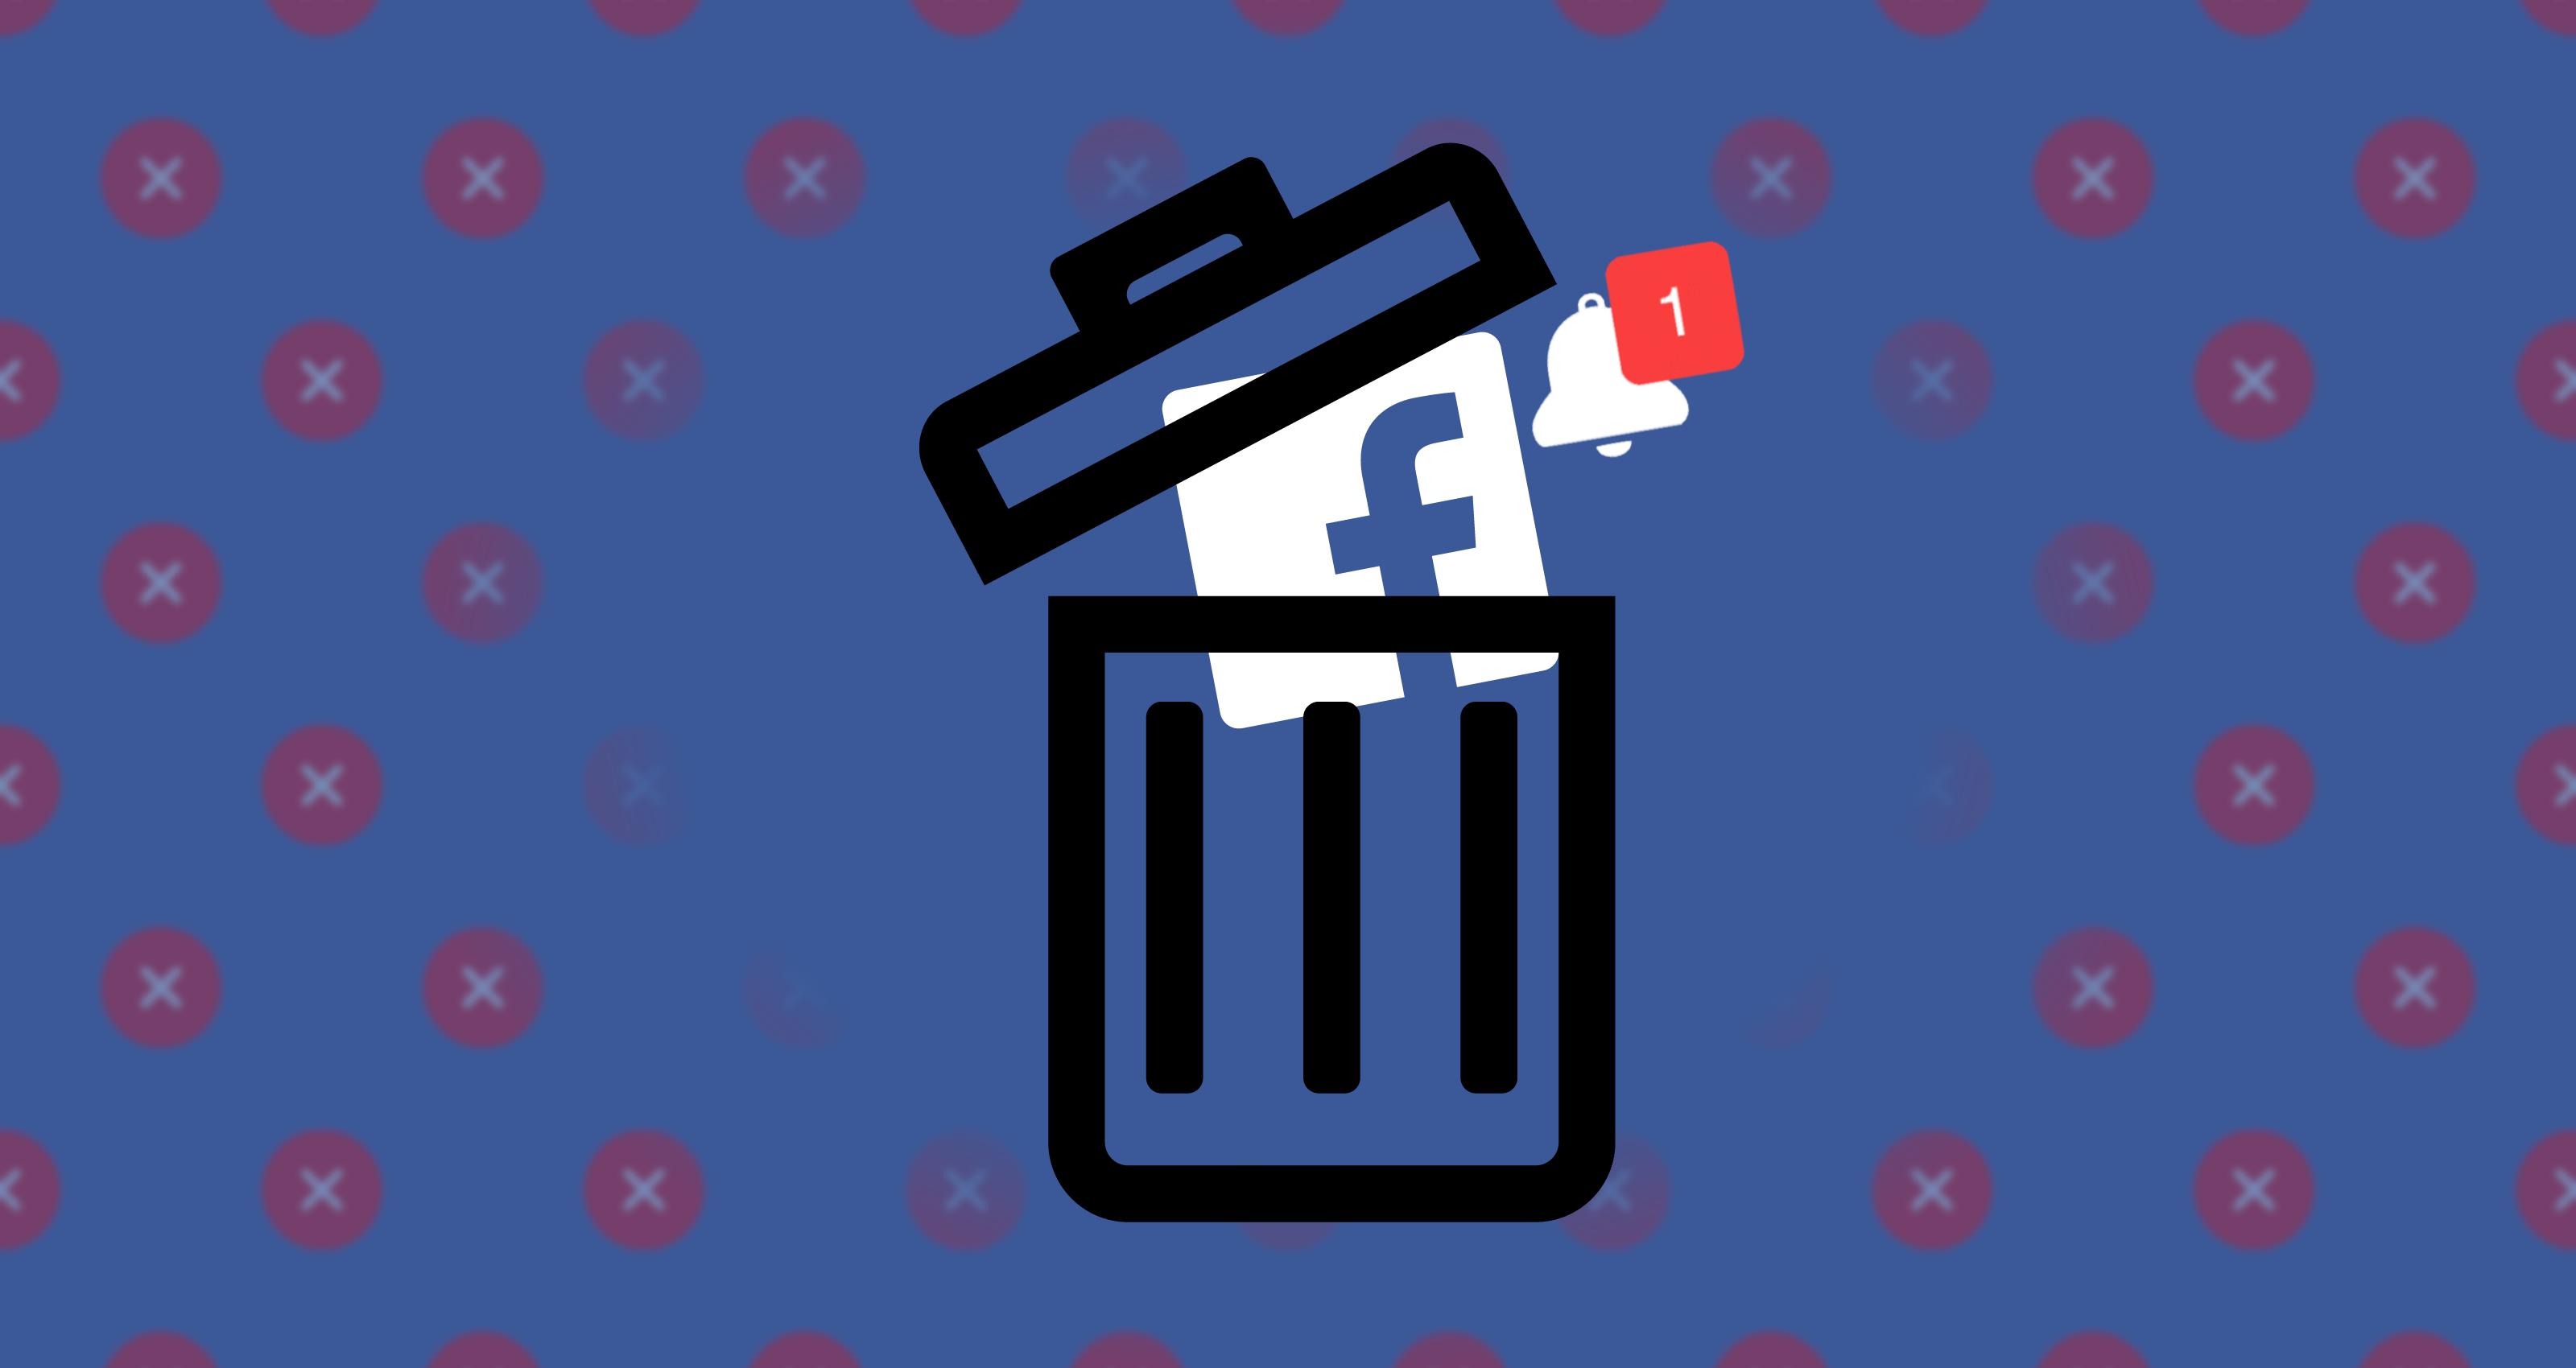 Nghịch lí các giá trị cốt lõi và cách hành xử của Facebook - Ảnh 4.